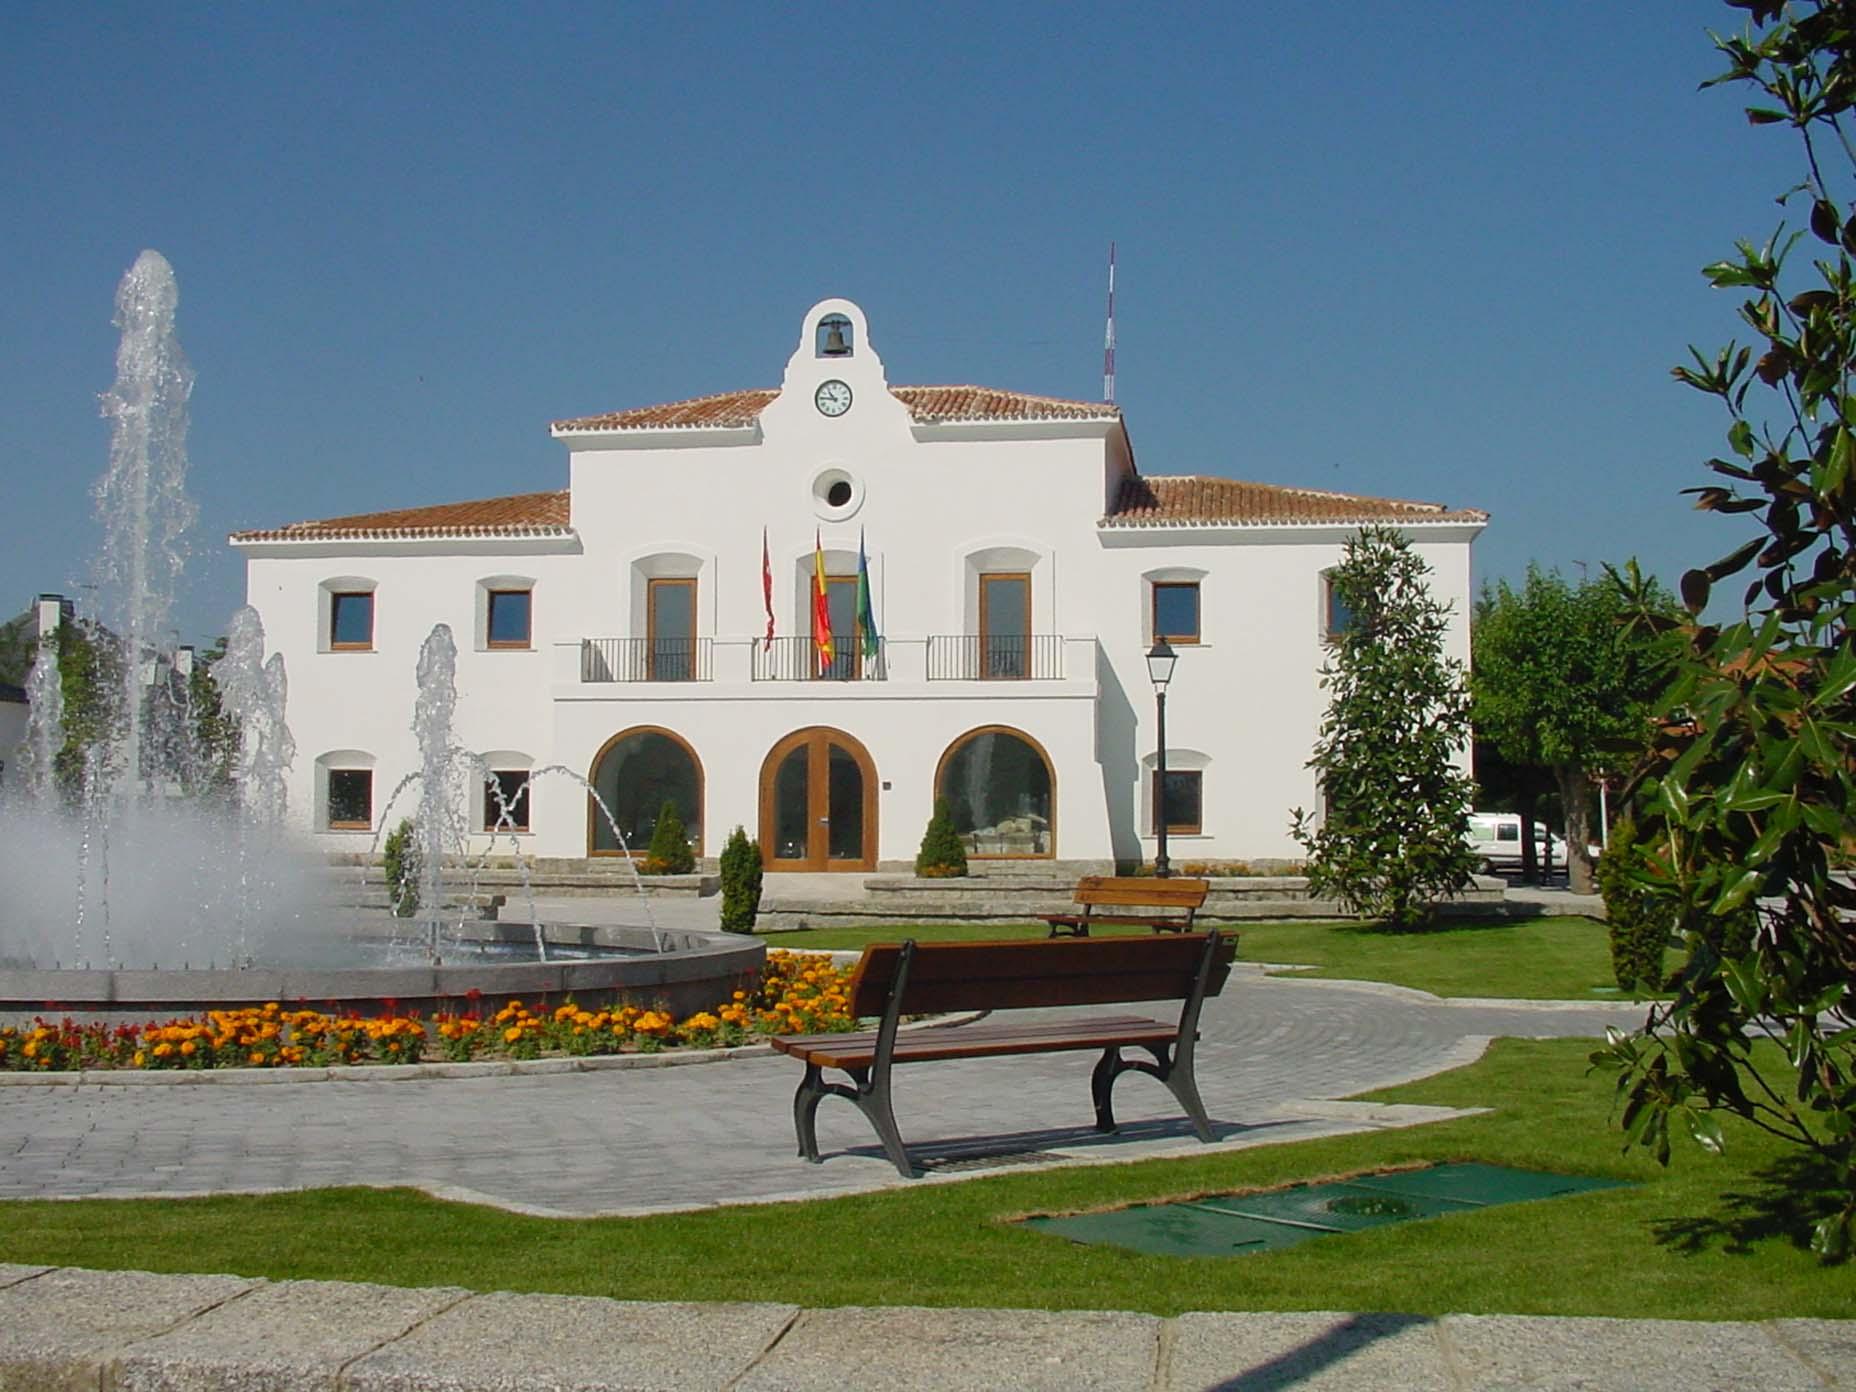 Villanueva de la ca ada wikipedia for Piscina villanueva de la canada